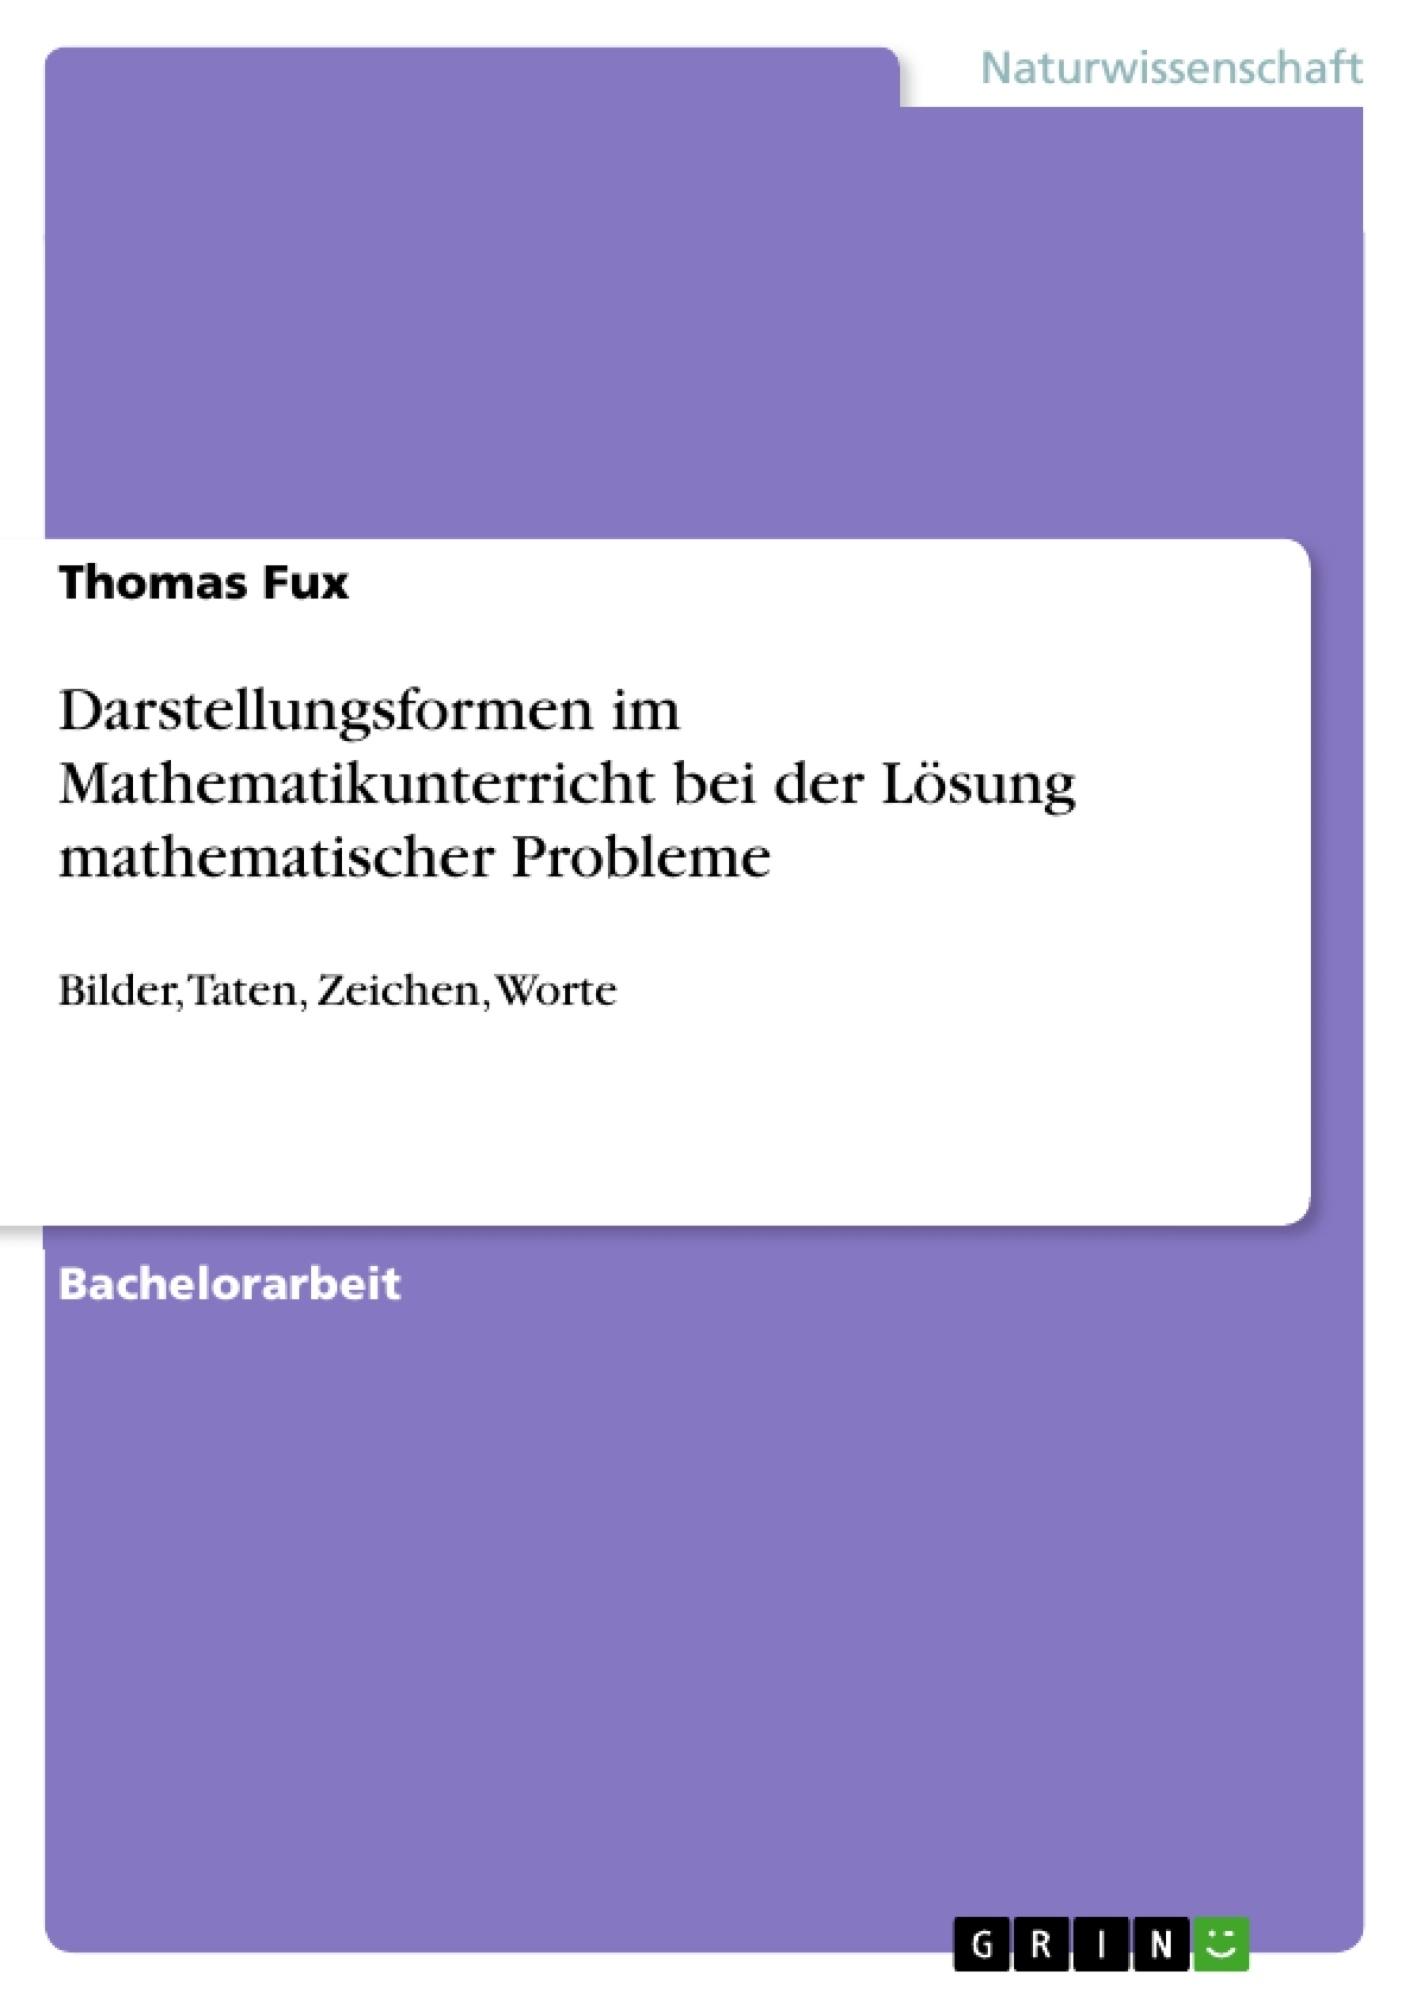 Darstellungsformen im Mathematikunterricht bei der Lösung ...